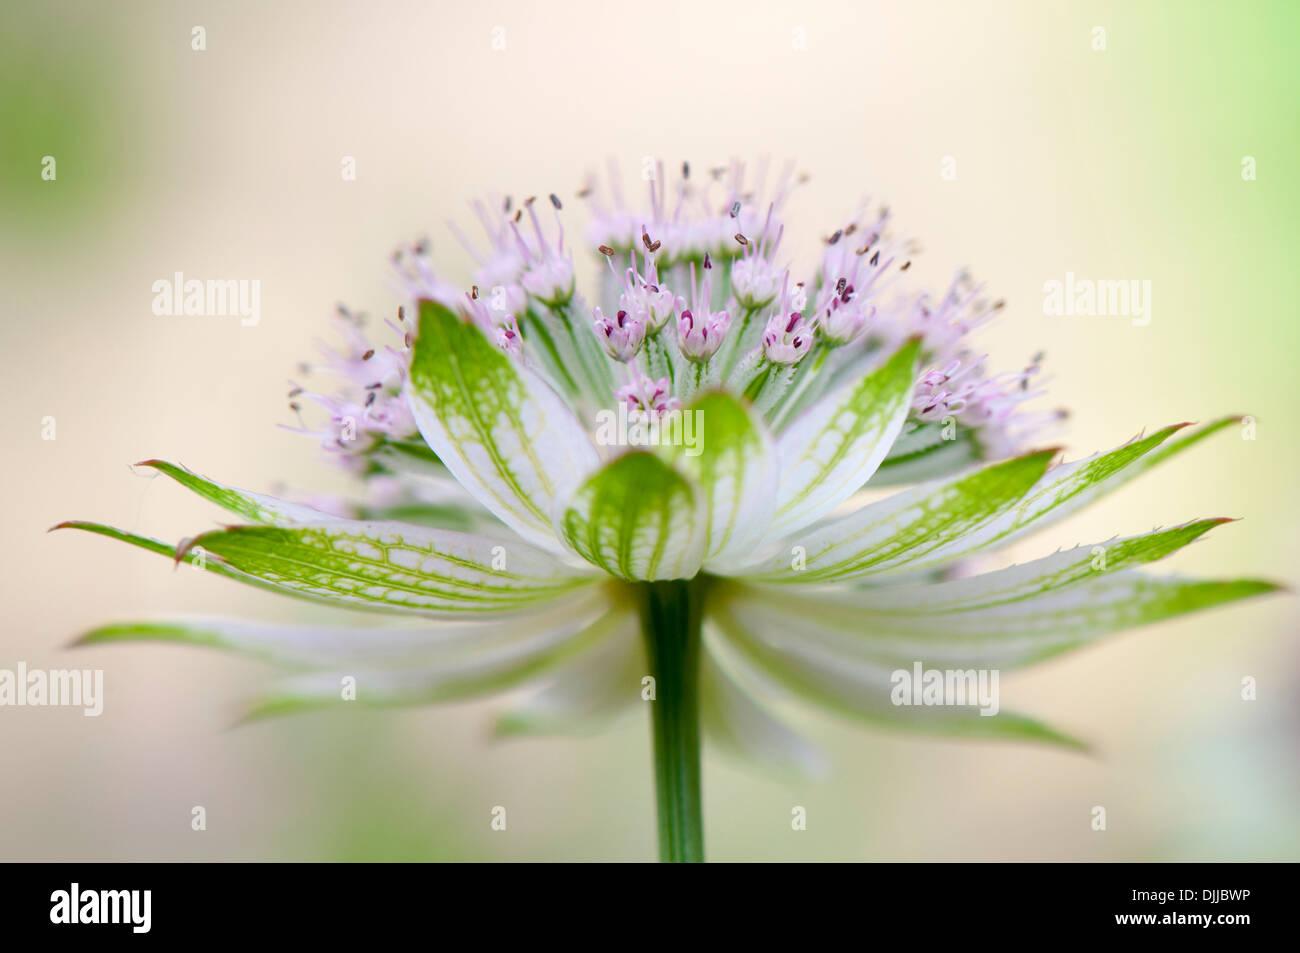 Nahaufnahme Bild einer einzelnen weiß/rosa Astrantia große Blume umgangsprachlich Meisterwurz, Aufnahme auf einem weichen Hintergrund Stockbild